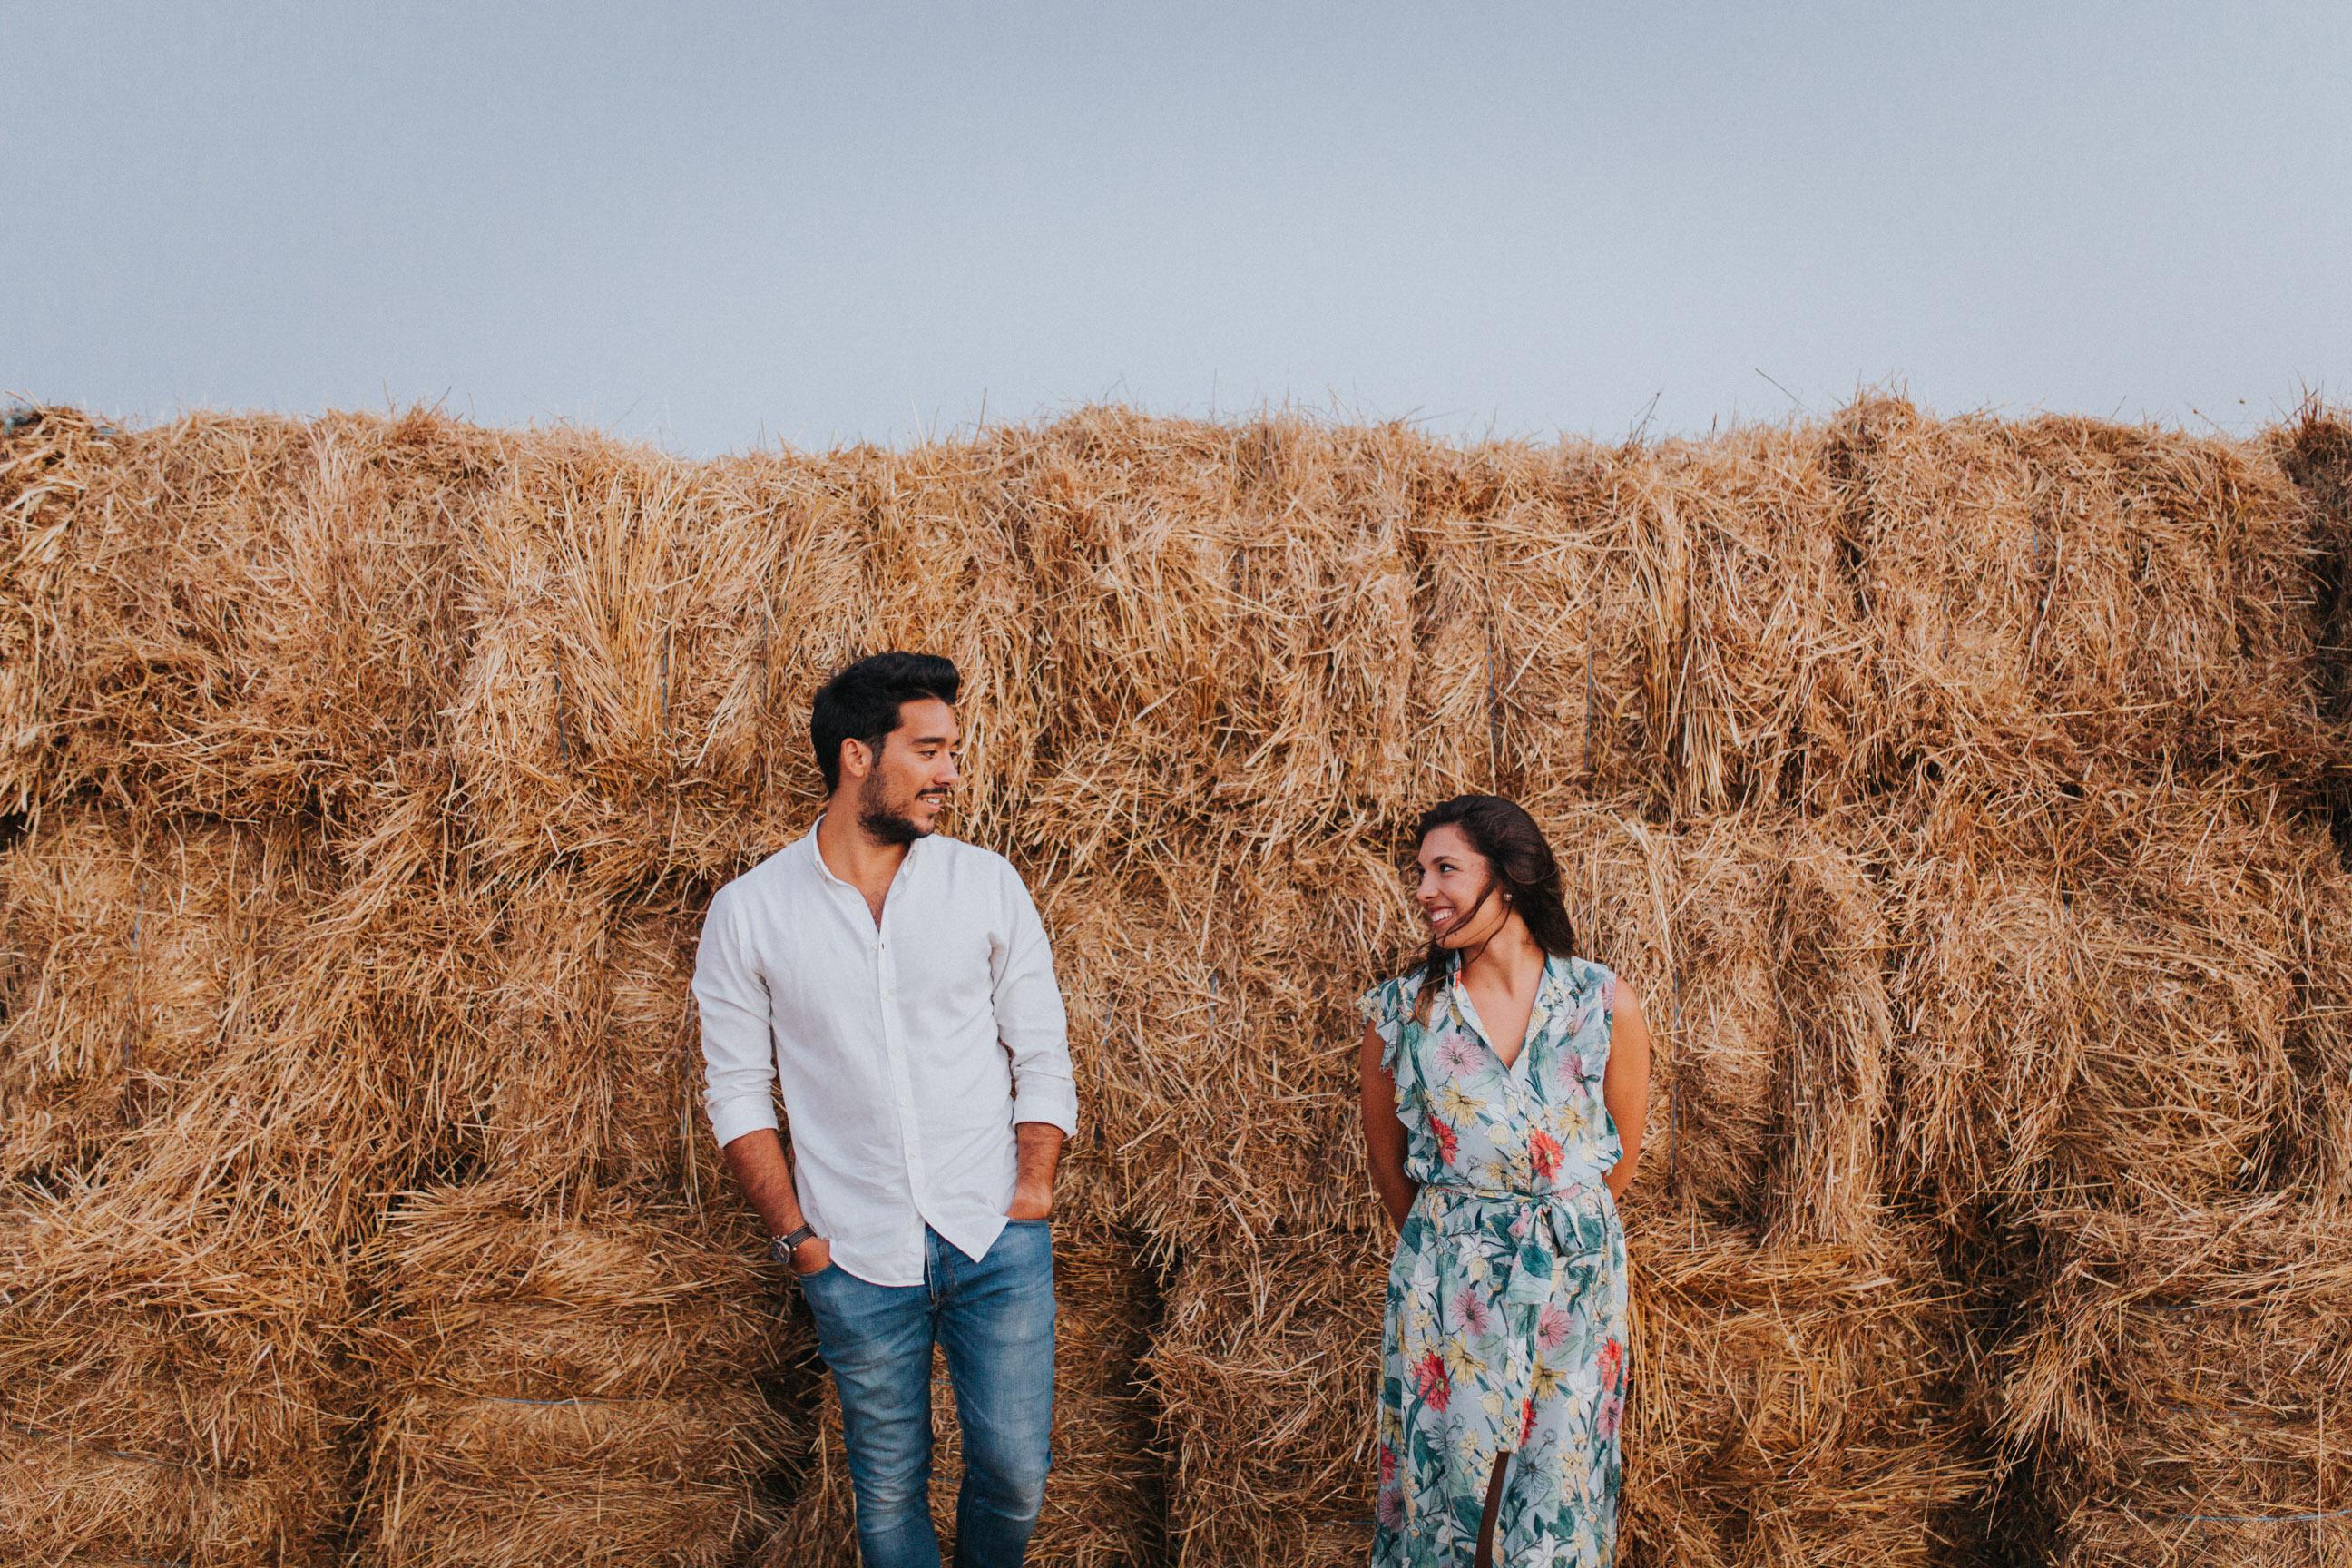 38 Cristiana&André-engagement-love-session-solteiros-noivado-foto-natural-Filipe-Santiago-Fotografia-Lisboa-Sintra-Mafra-Malveira-Torres-Vedras-Fotografos-palha-campo